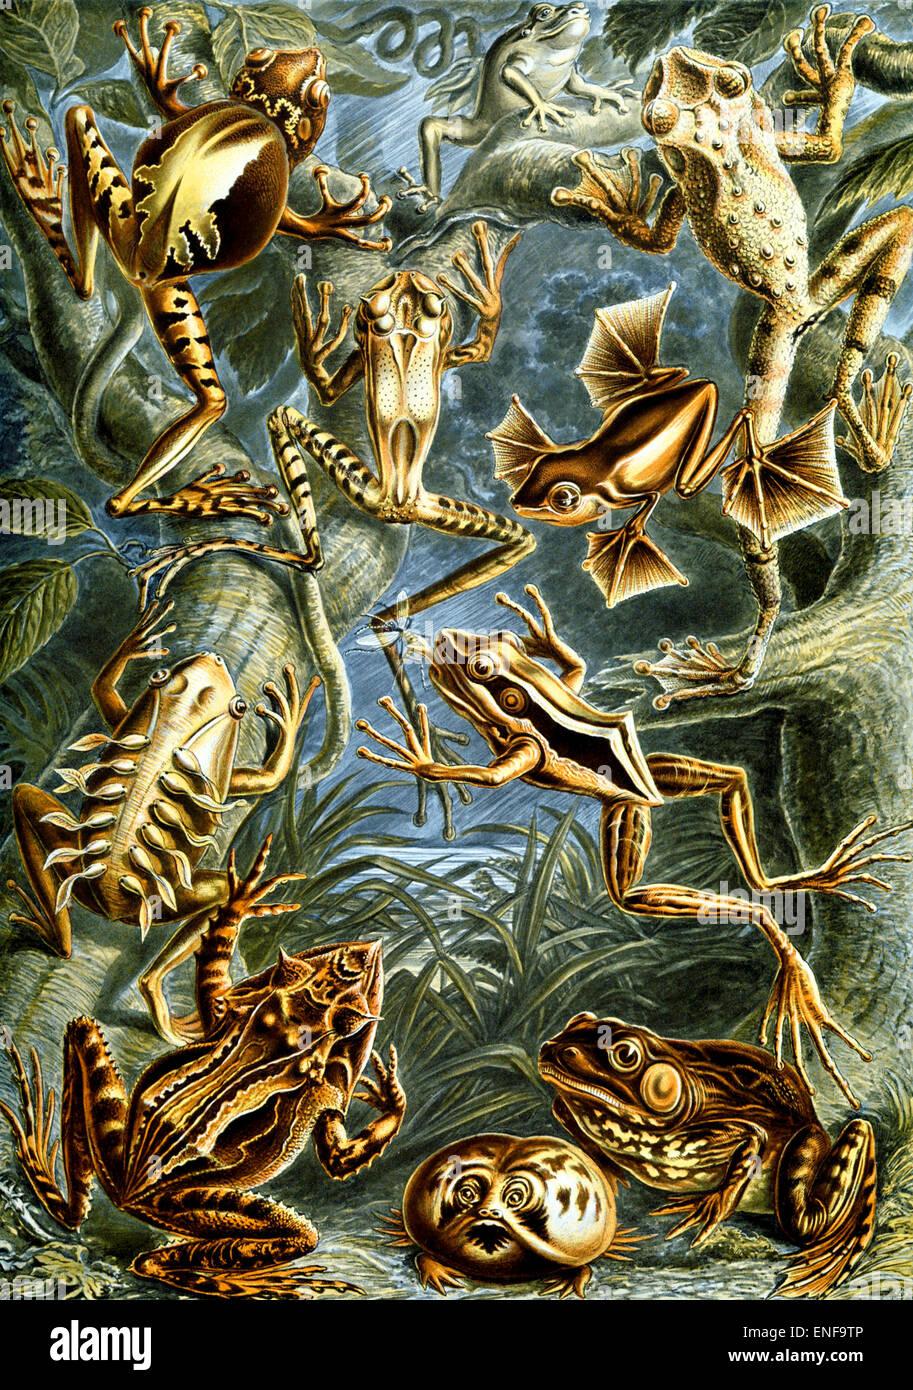 Batrachia (anfibi), da Ernst Haeckel, 1904 - solo uso editoriale. Immagini Stock